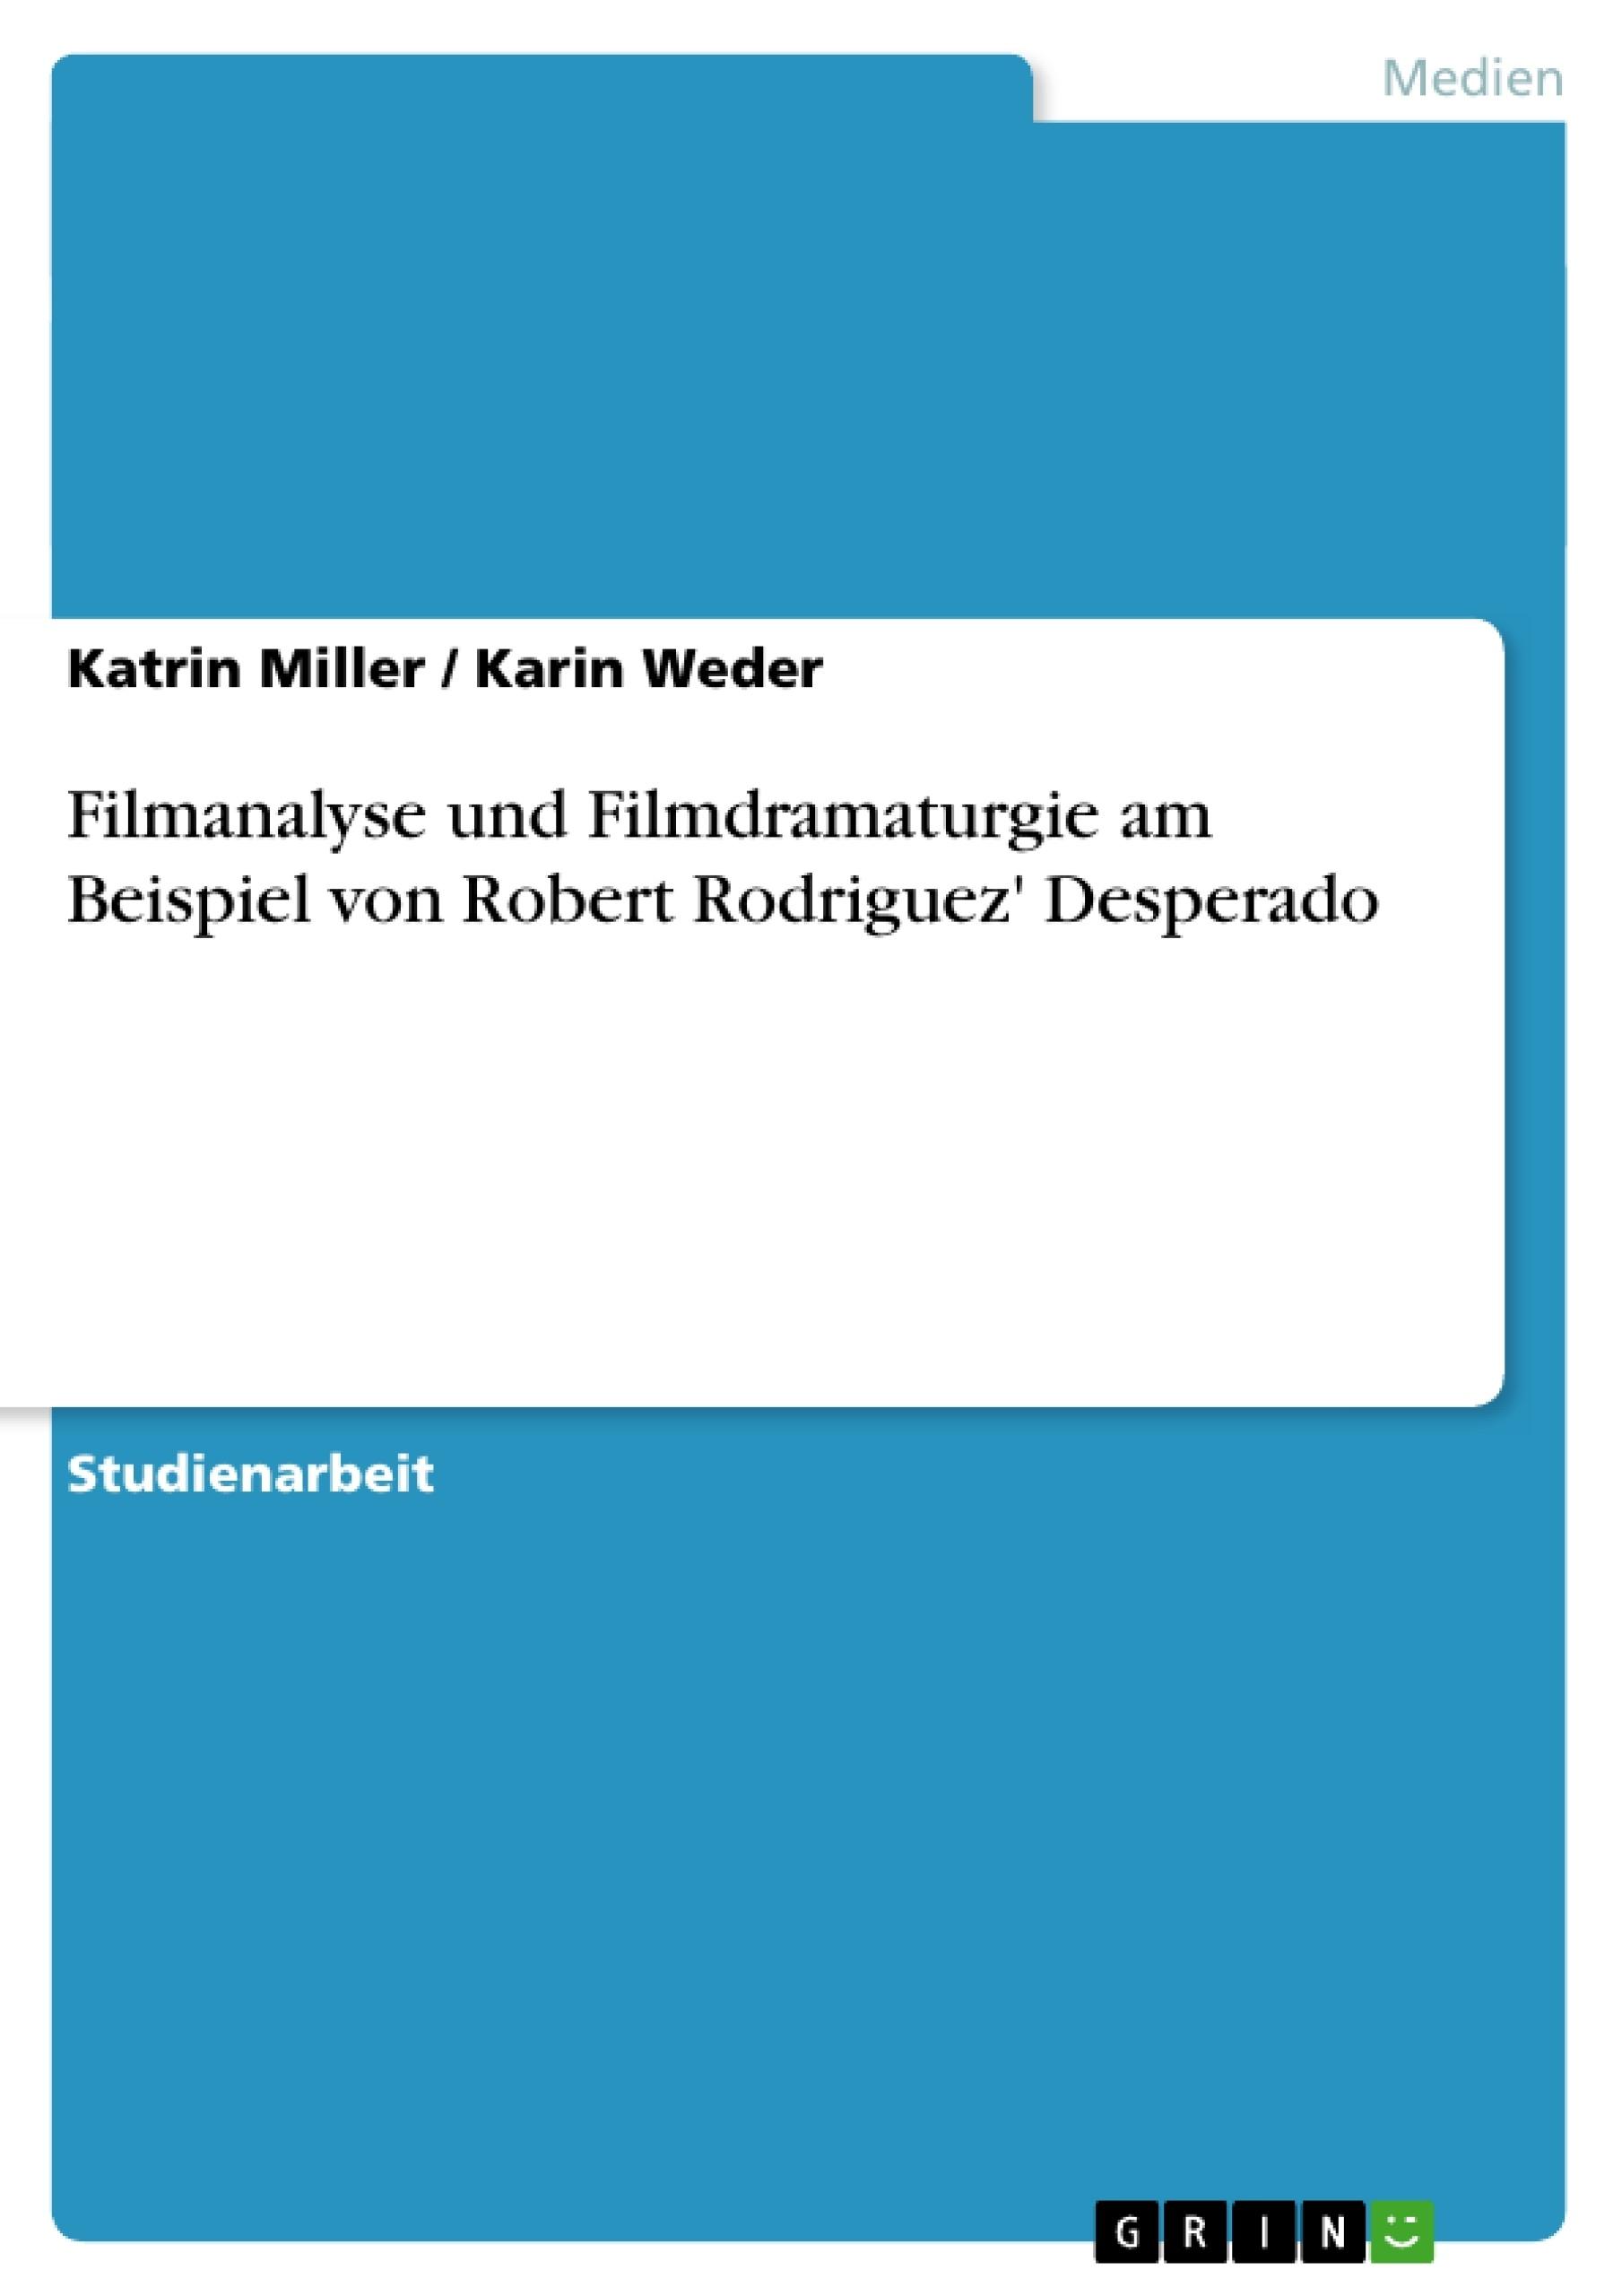 Titel: Filmanalyse und Filmdramaturgie am Beispiel von Robert Rodriguez' Desperado